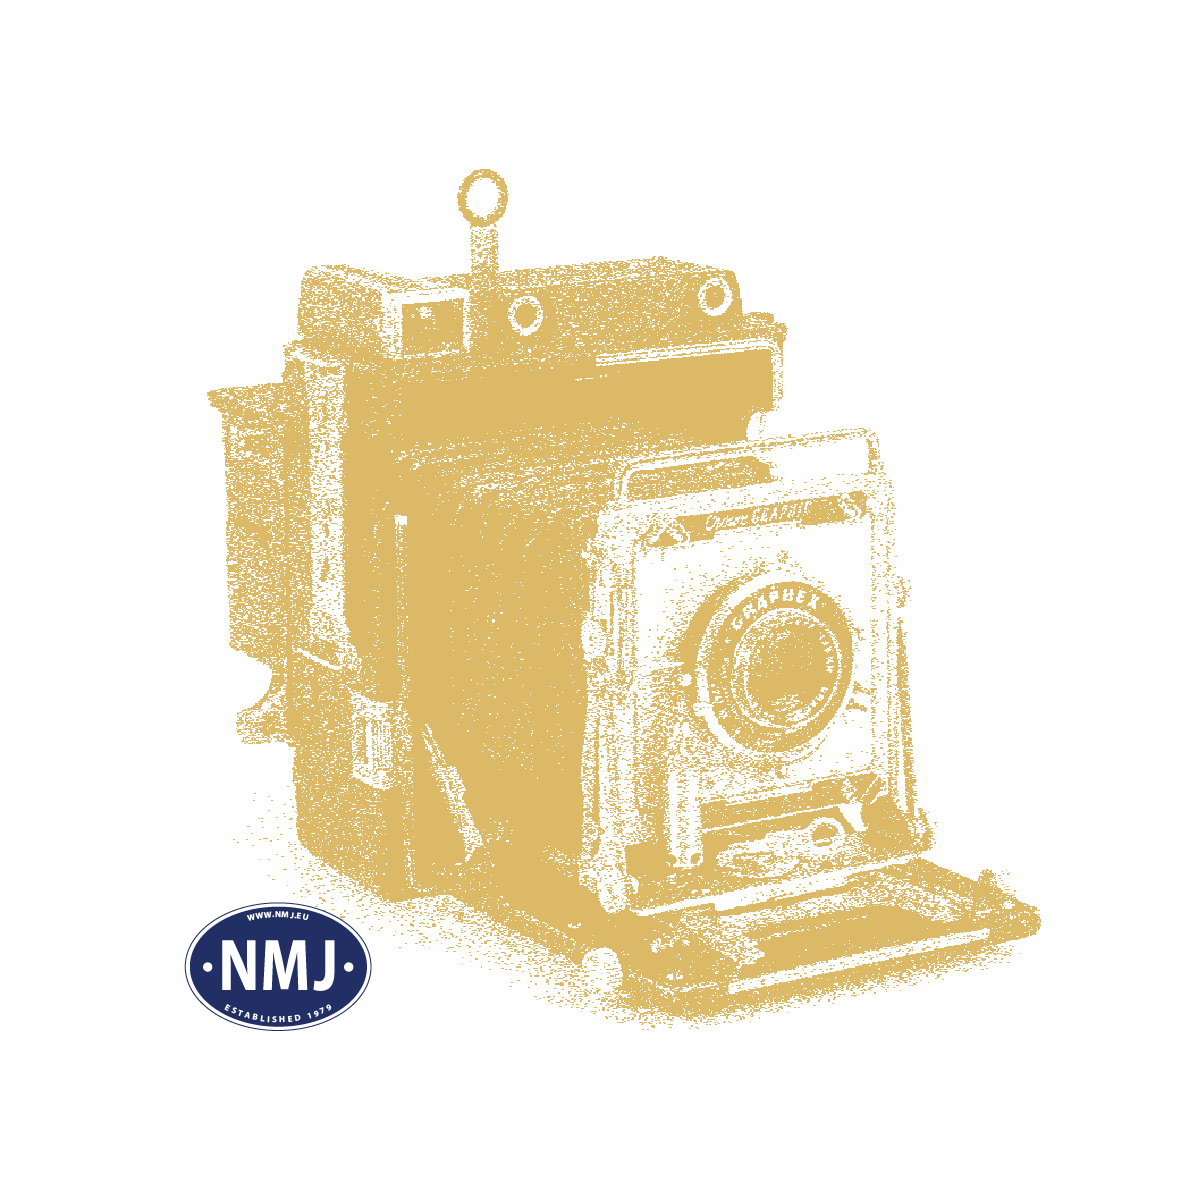 NMJT205.402 - NMJ Topline SJ B5KRT.5007, 2 kl. Personvogn, blå/sort design V.2